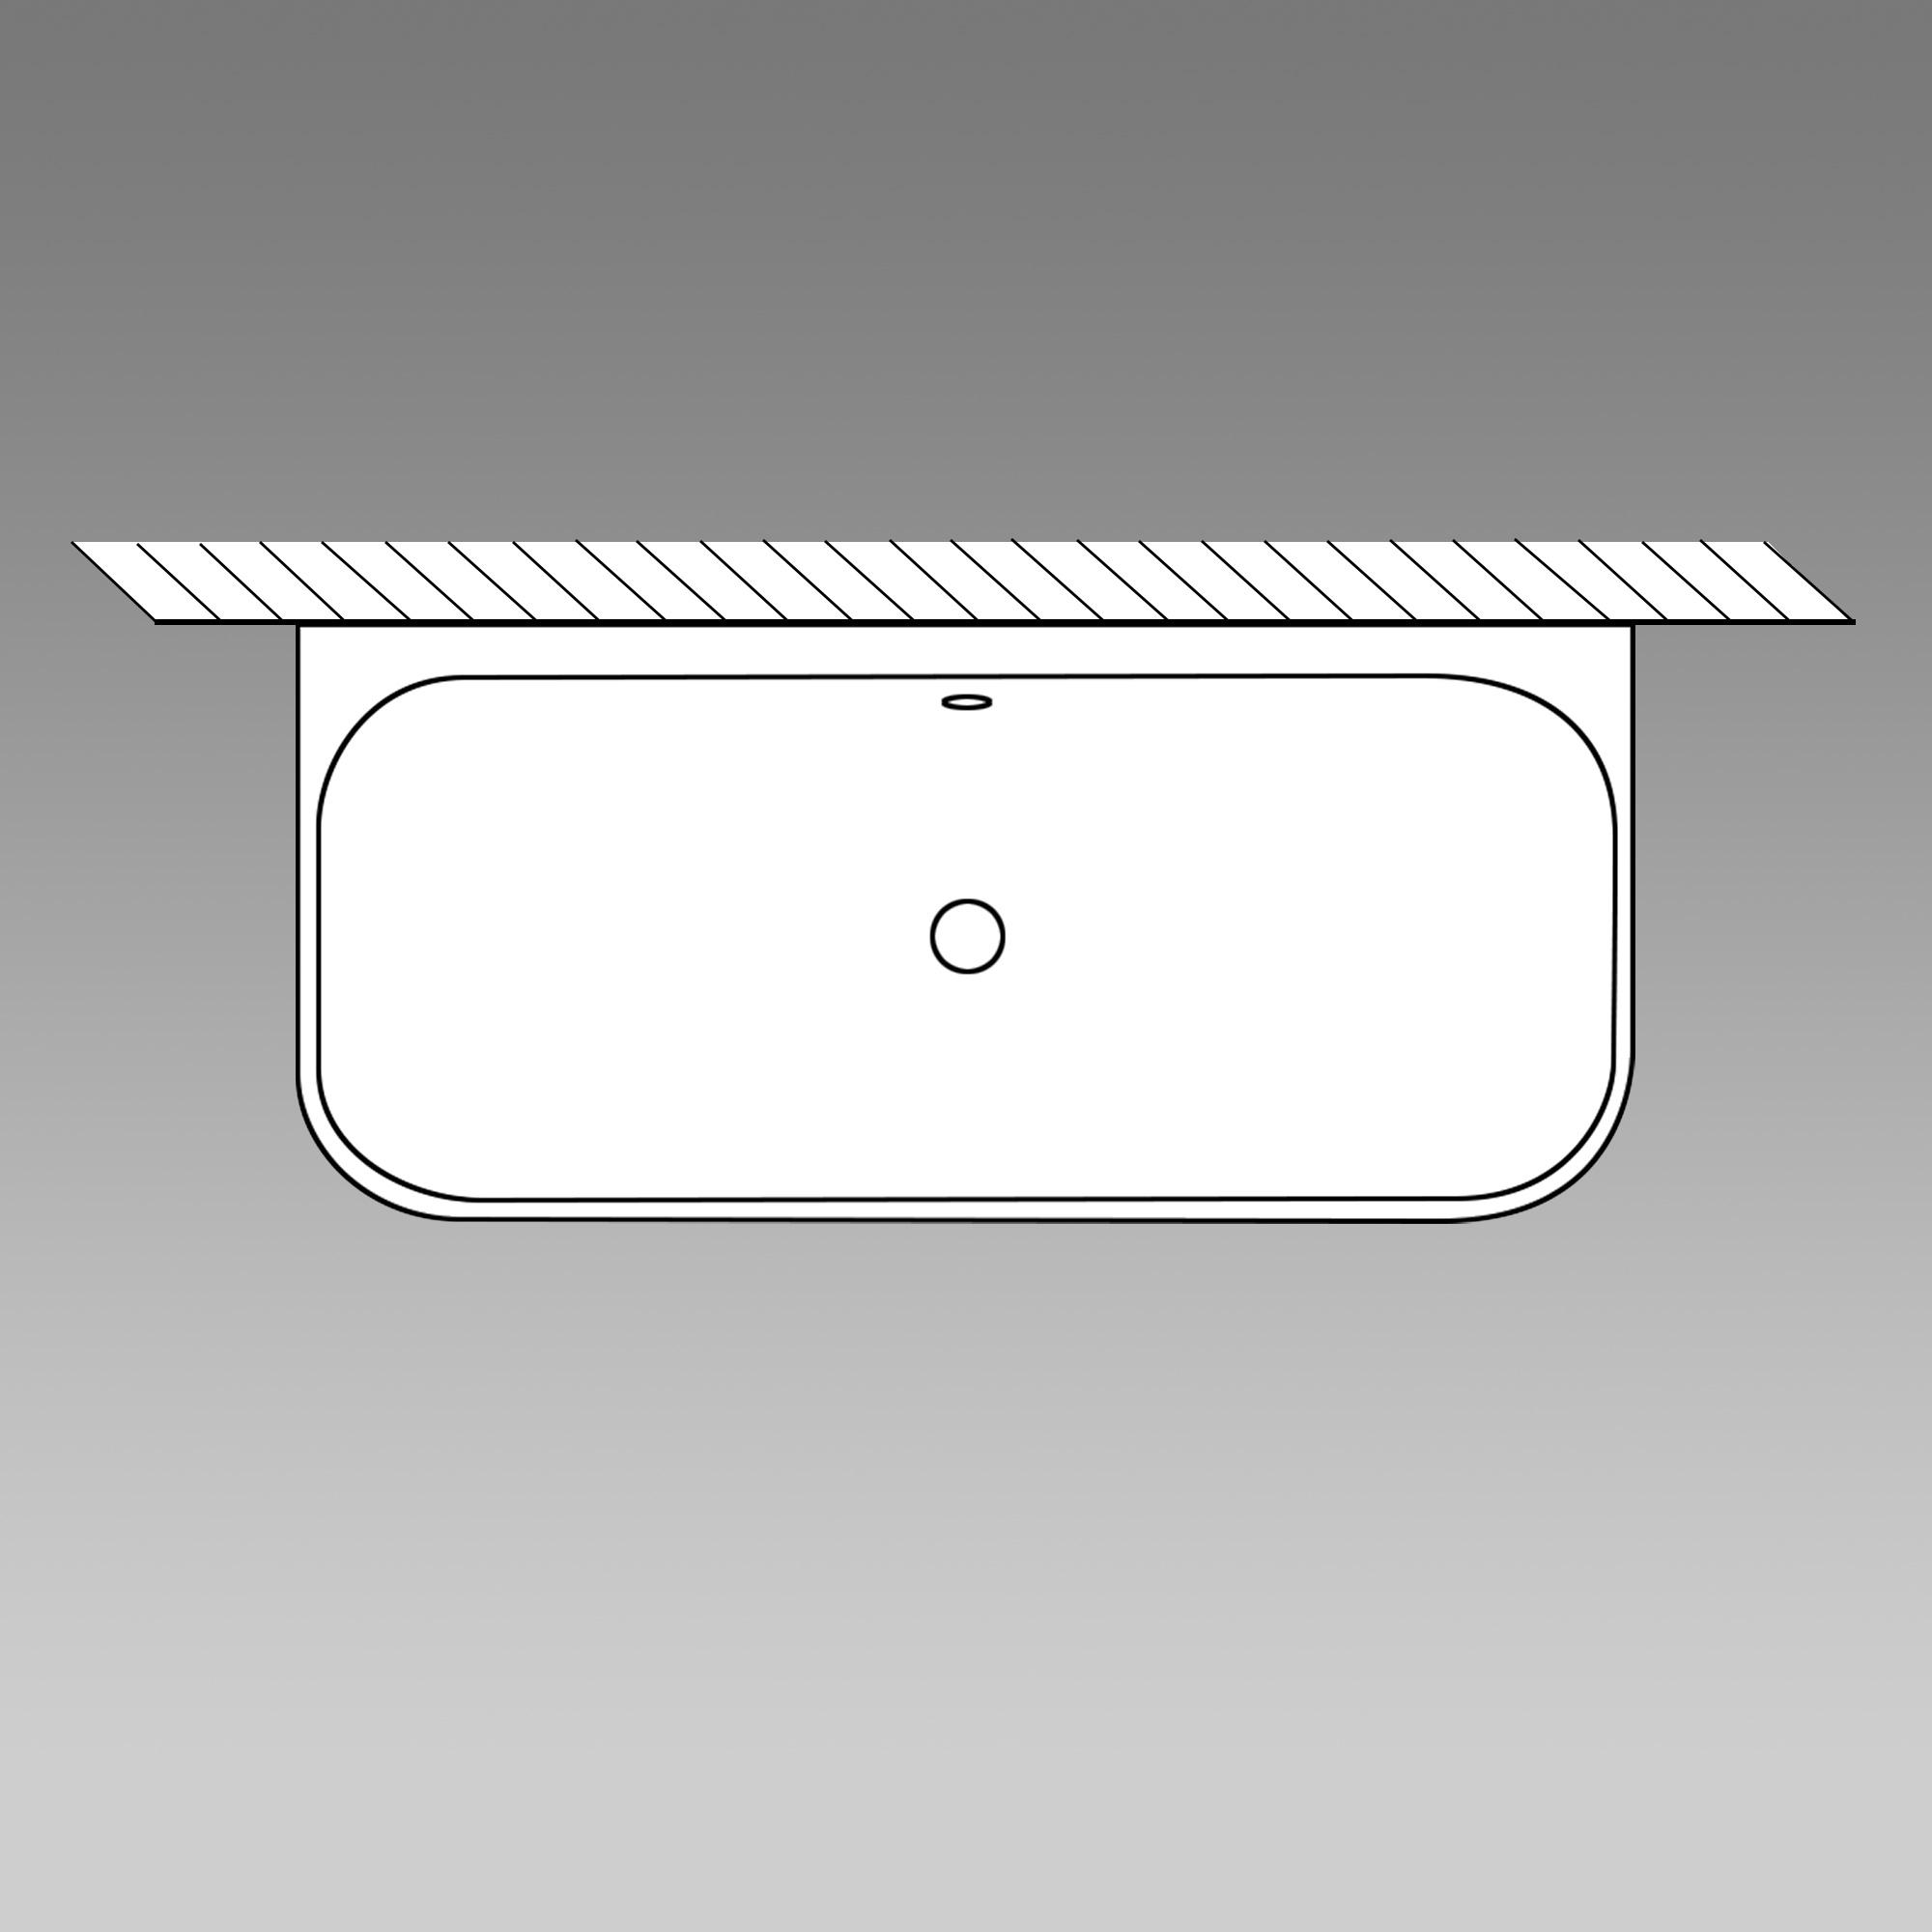 dessins assortis 120/cm disponible en 10/Variations et diff/érentes tailles de 50 Kobert Goods Caniveau d/écoulement G028/en acier inoxydable avec siphon de sol et Bonde douche